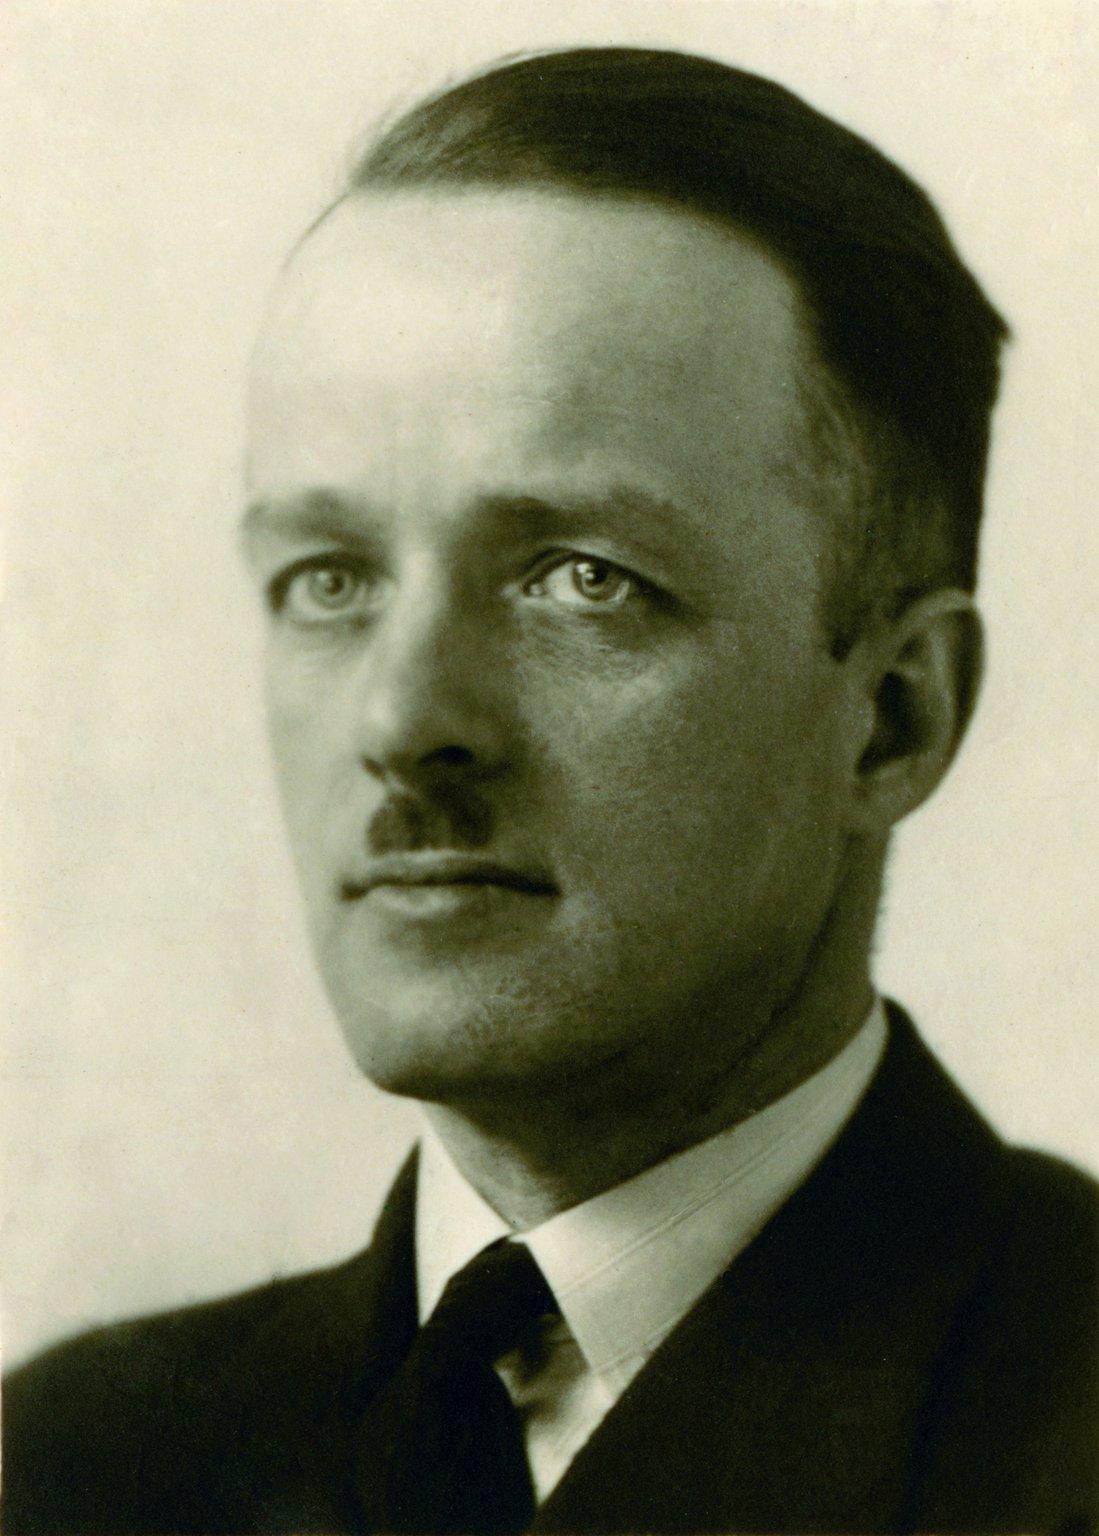 Victor Kugler, around 1930.